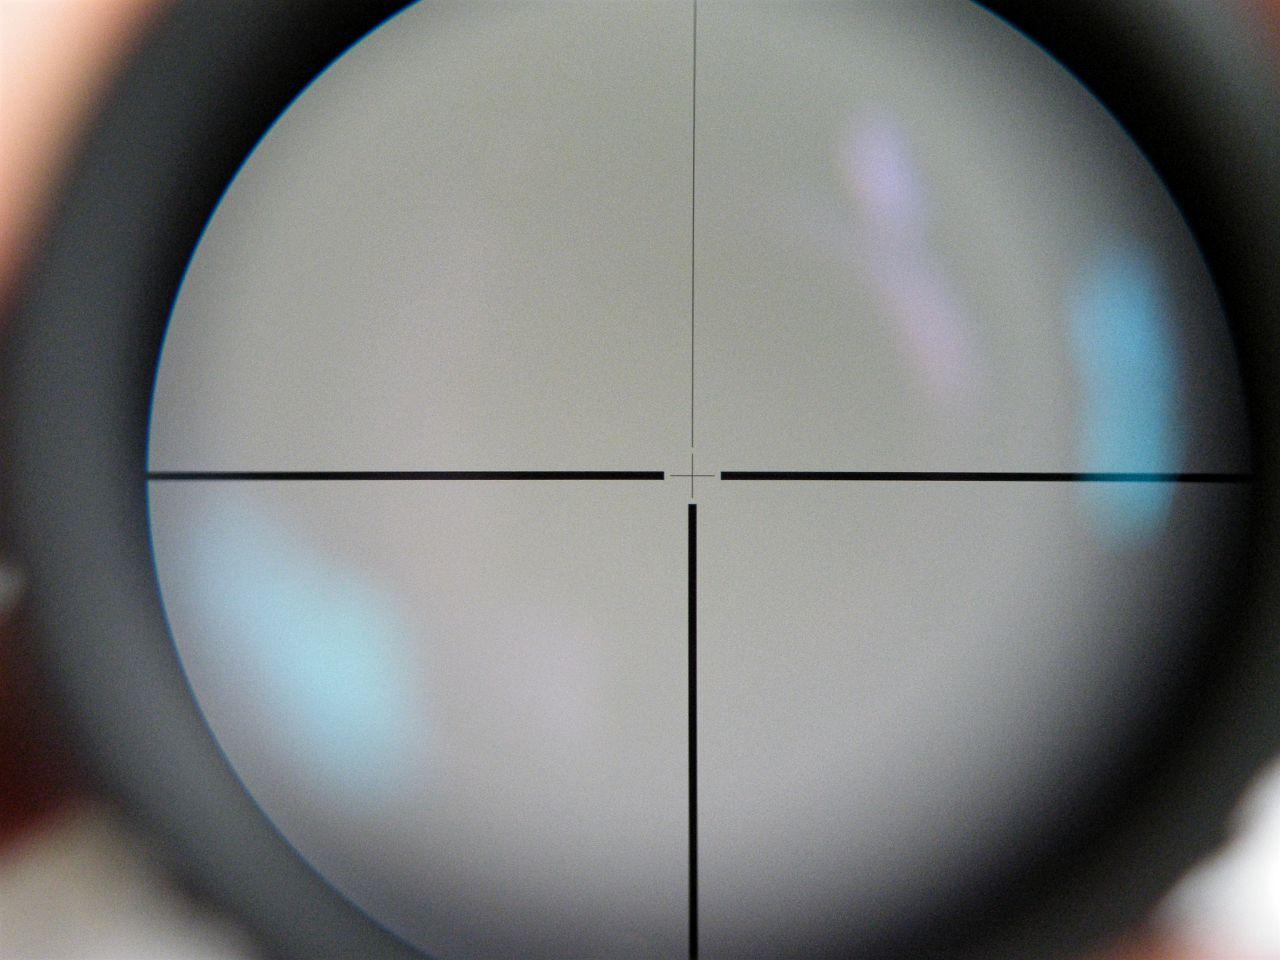 atibal Velocity reticle